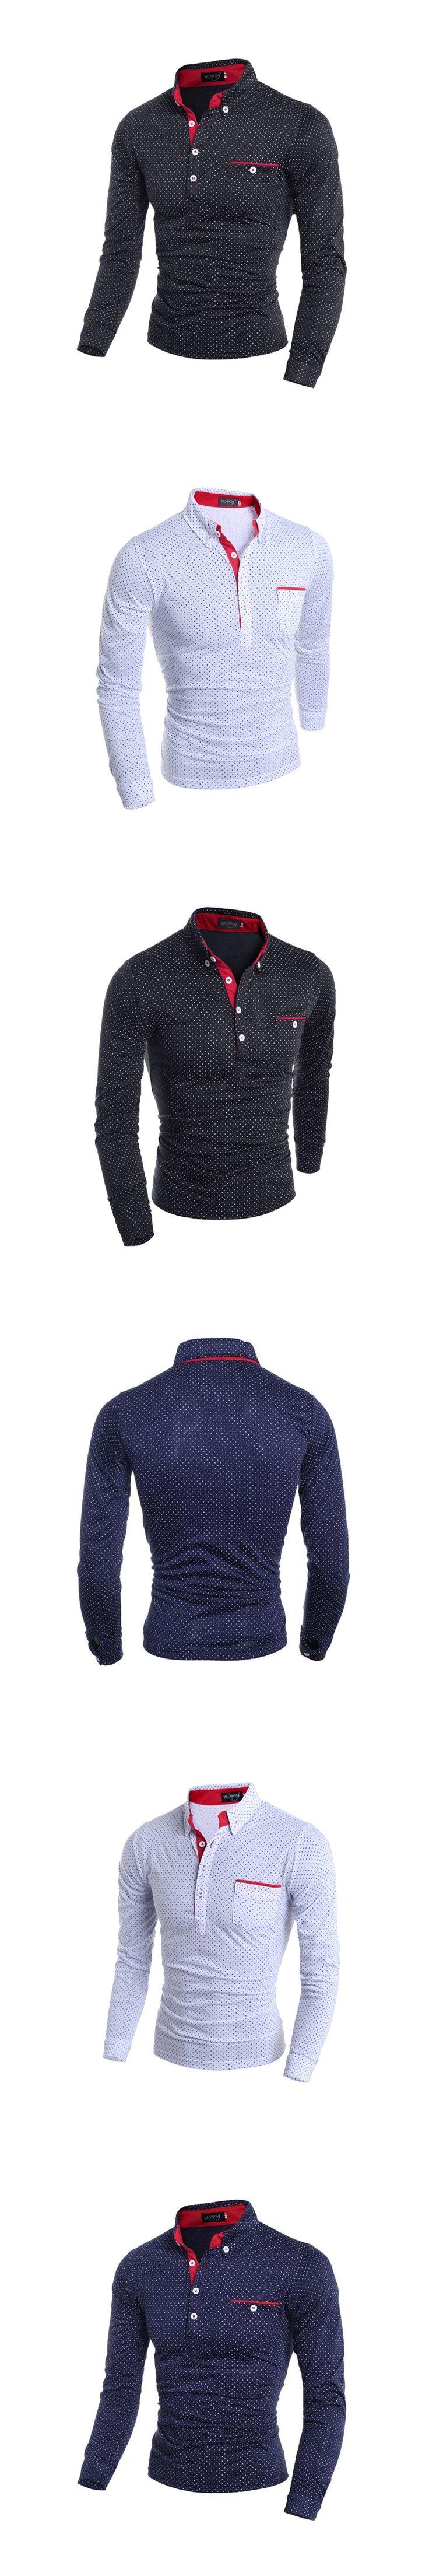 HOWL LOFTWsgyj Herren Polo Shirt Marken 2017 Mannlichen Langarm Fashion Beilaufig Polka Dot tasche Taste polos Manner Trikots